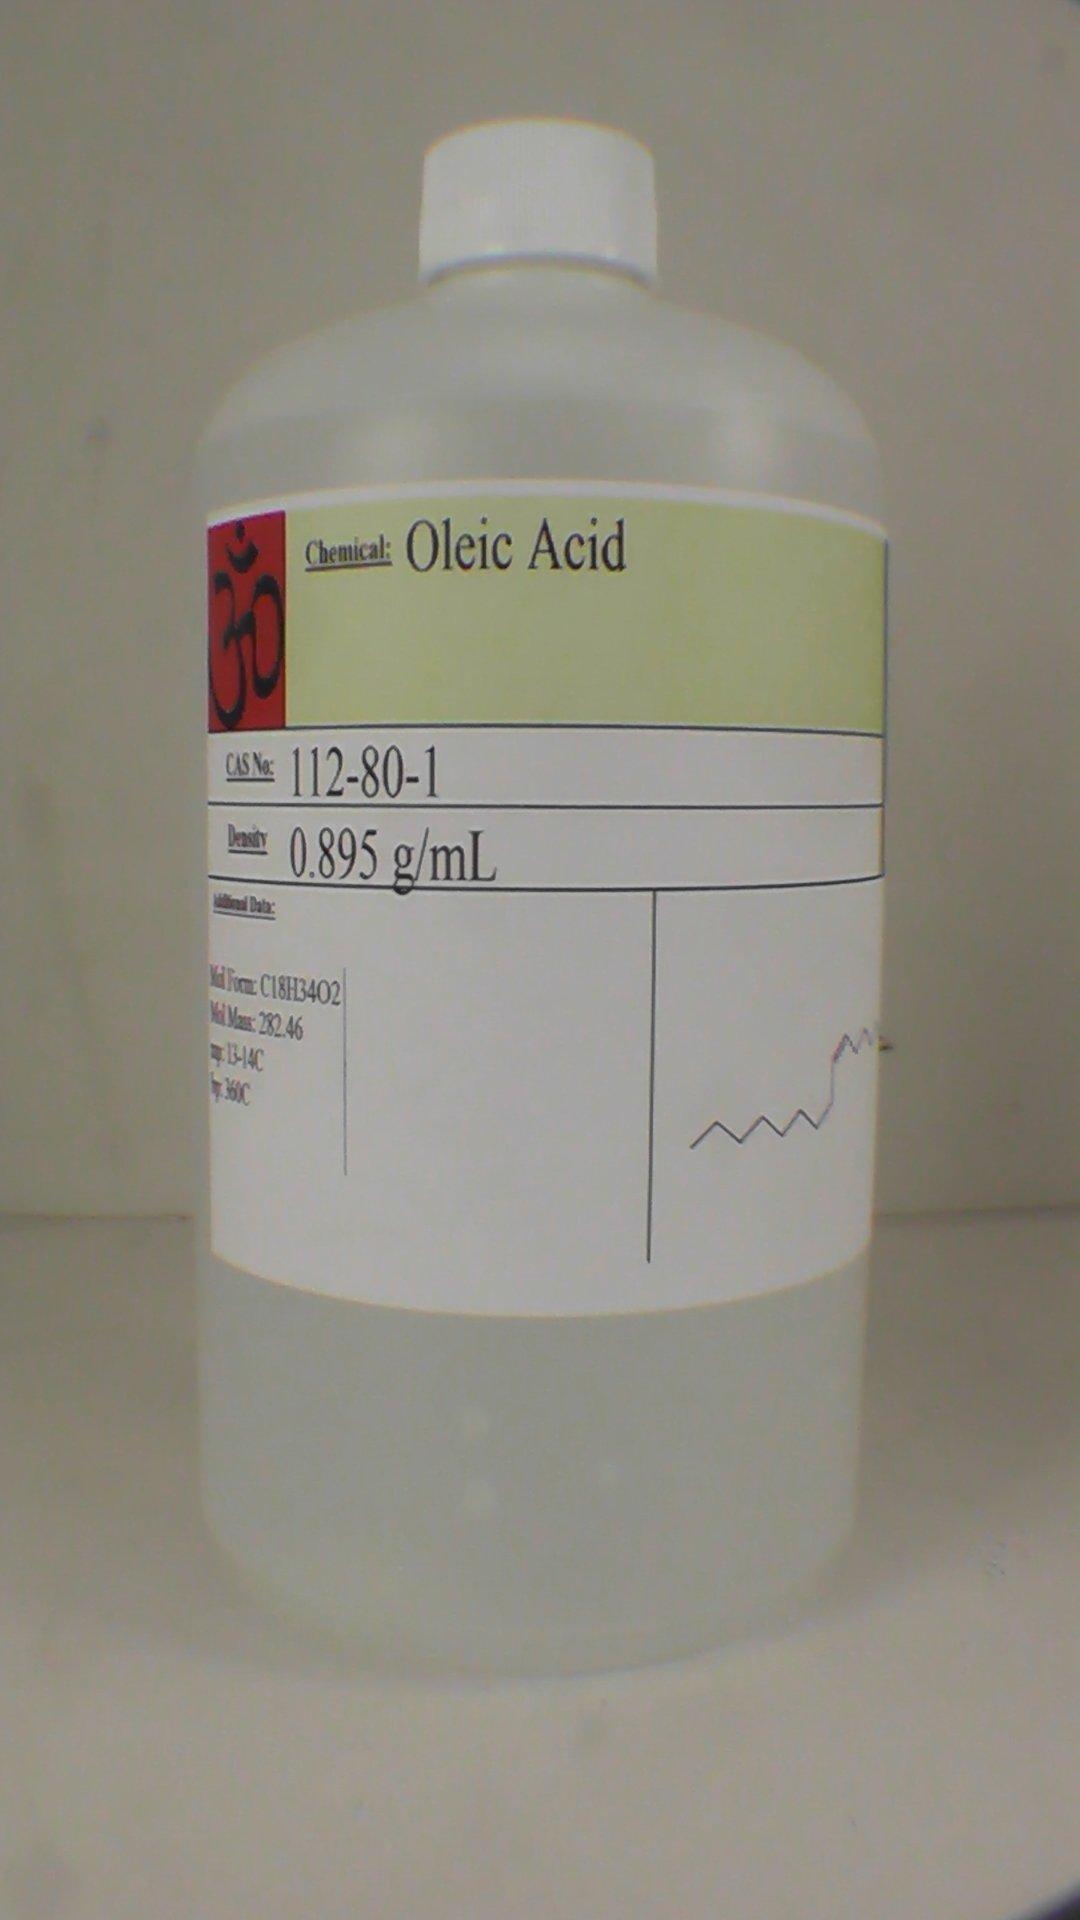 Oleic Acid 1 Quart (32 fl. oz), Manofohm